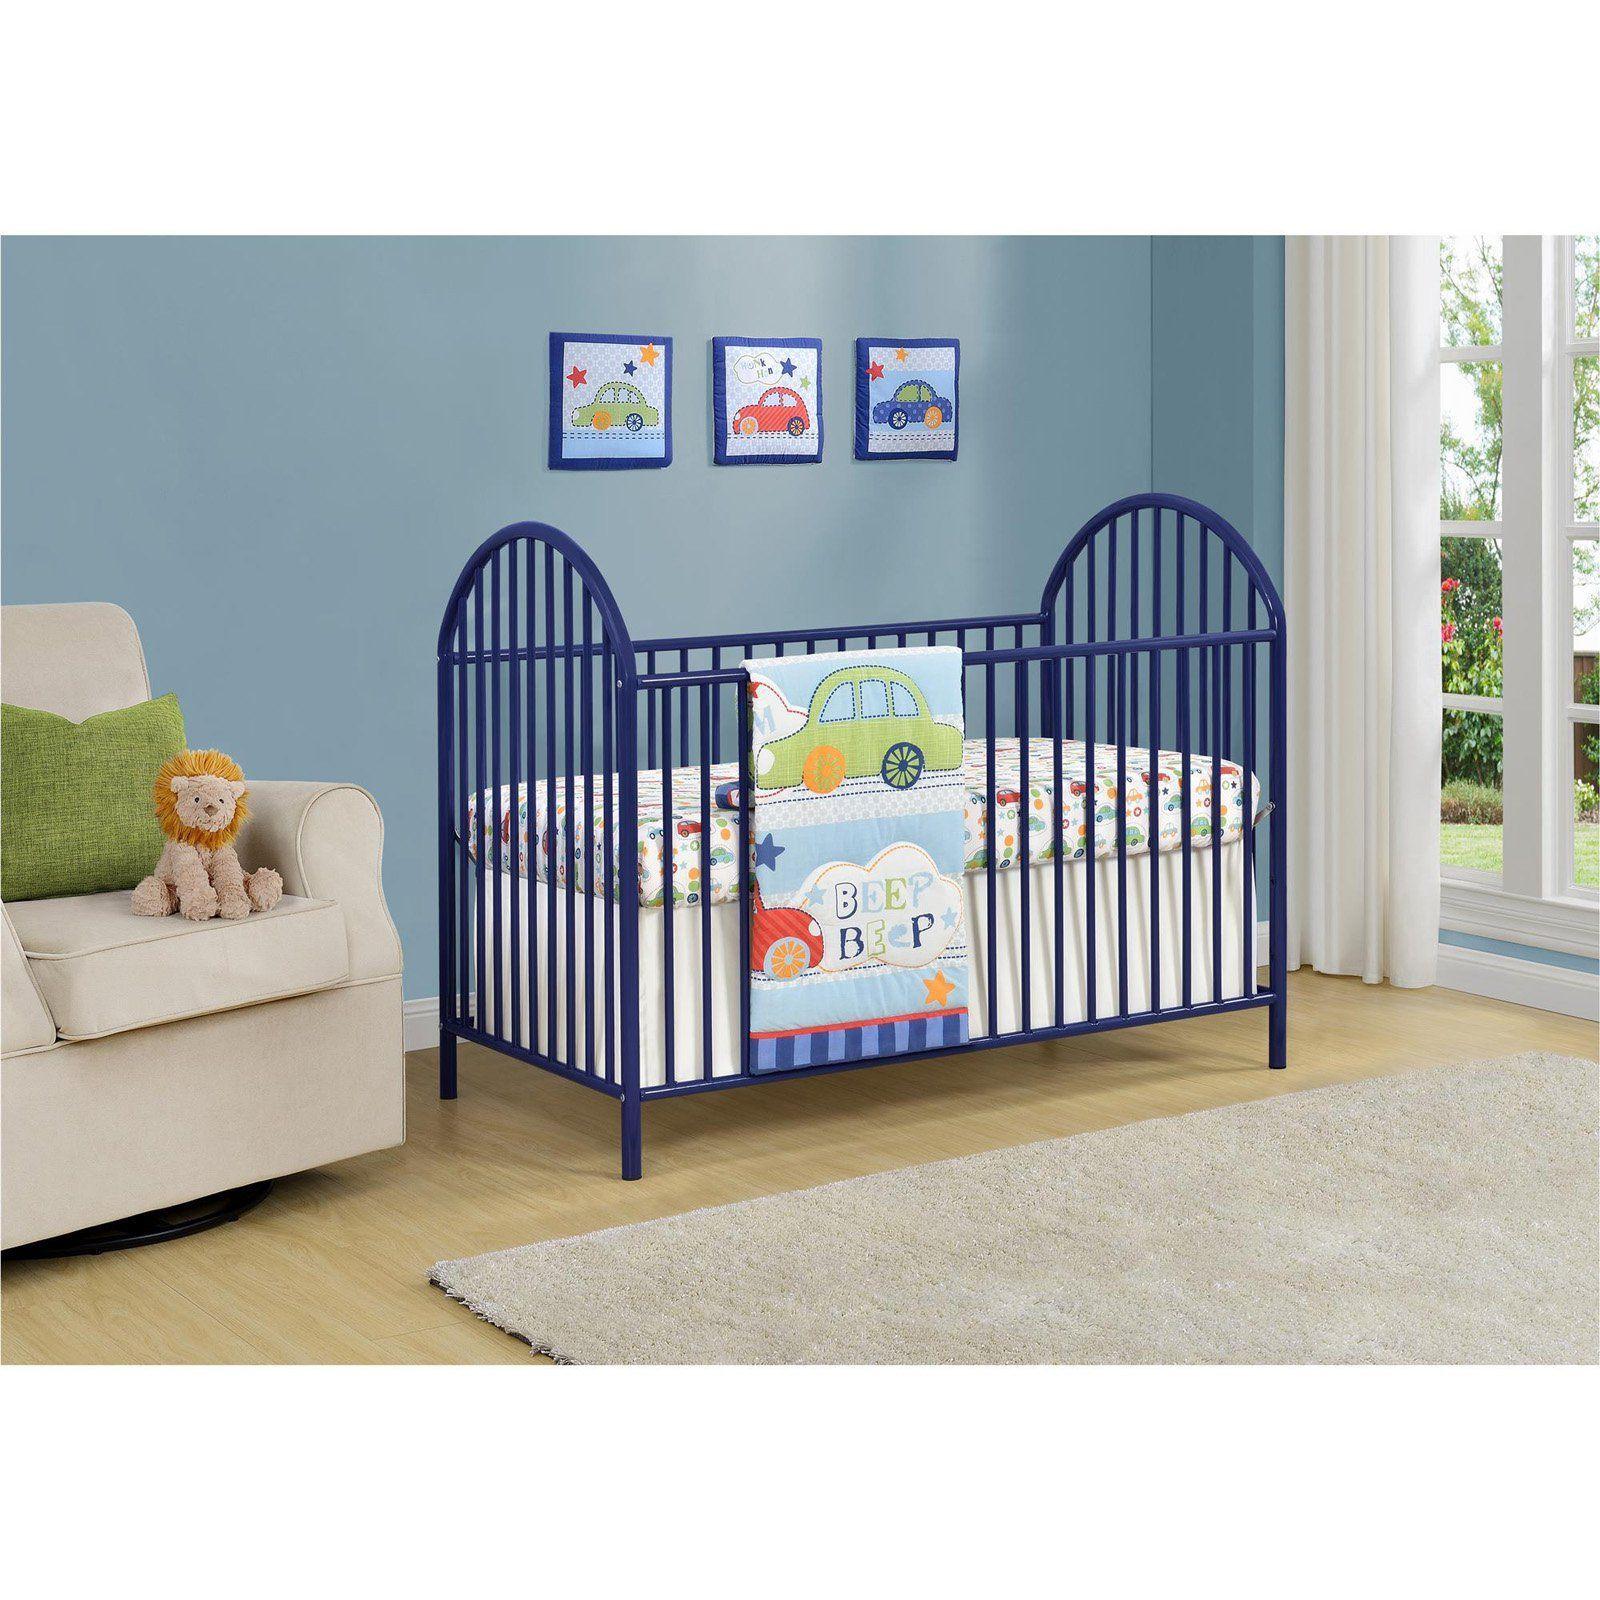 Cosco Prism Metal Crib Metal crib